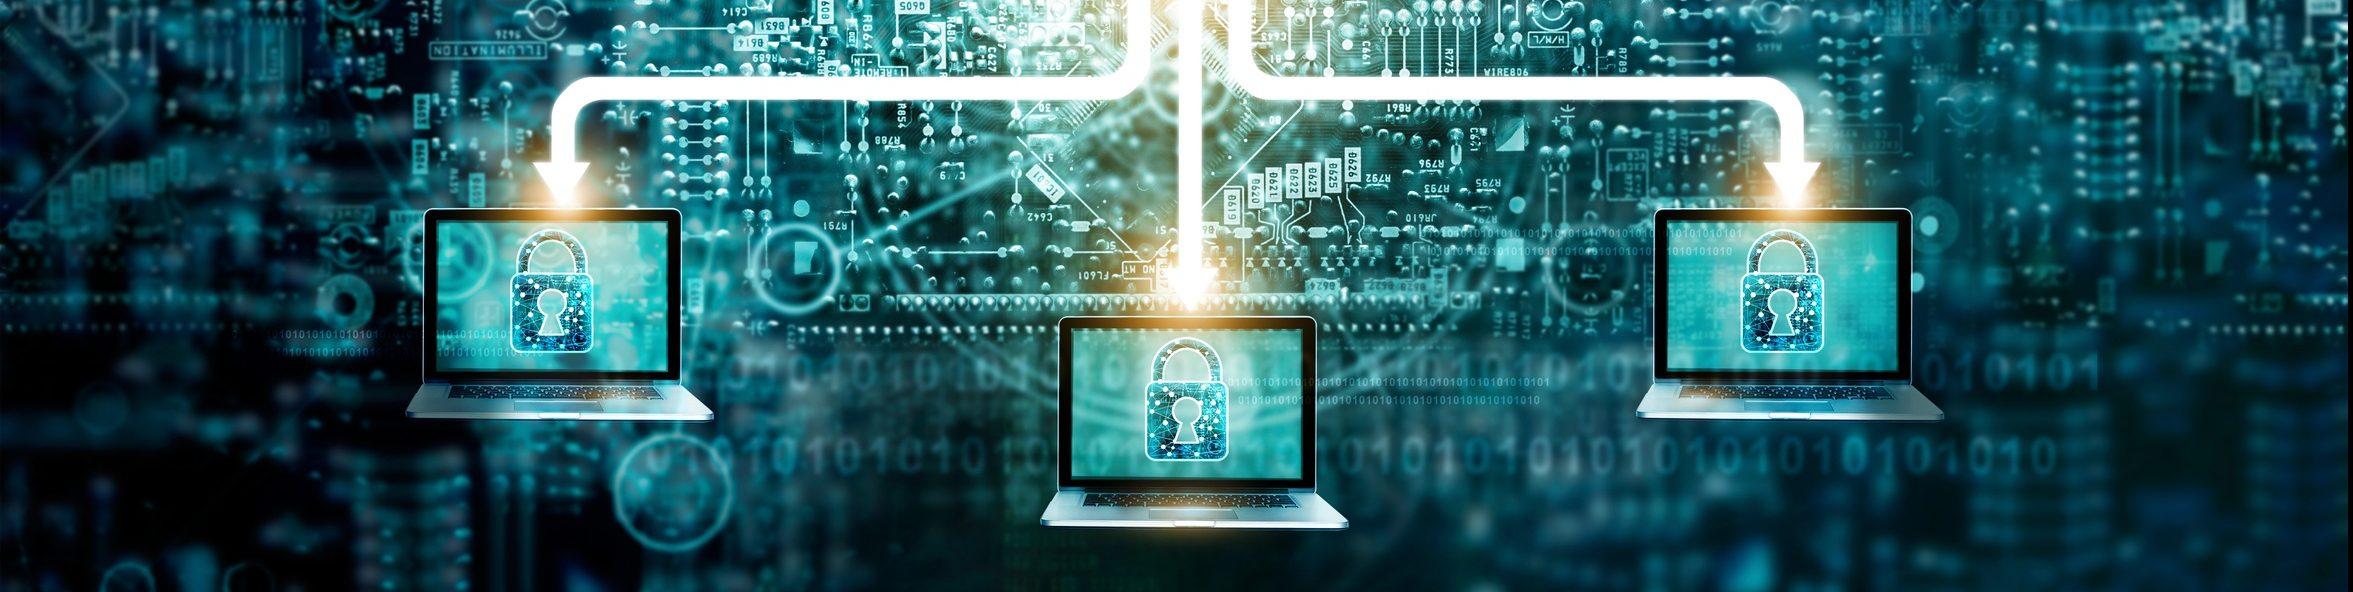 Database administration fundamentals training